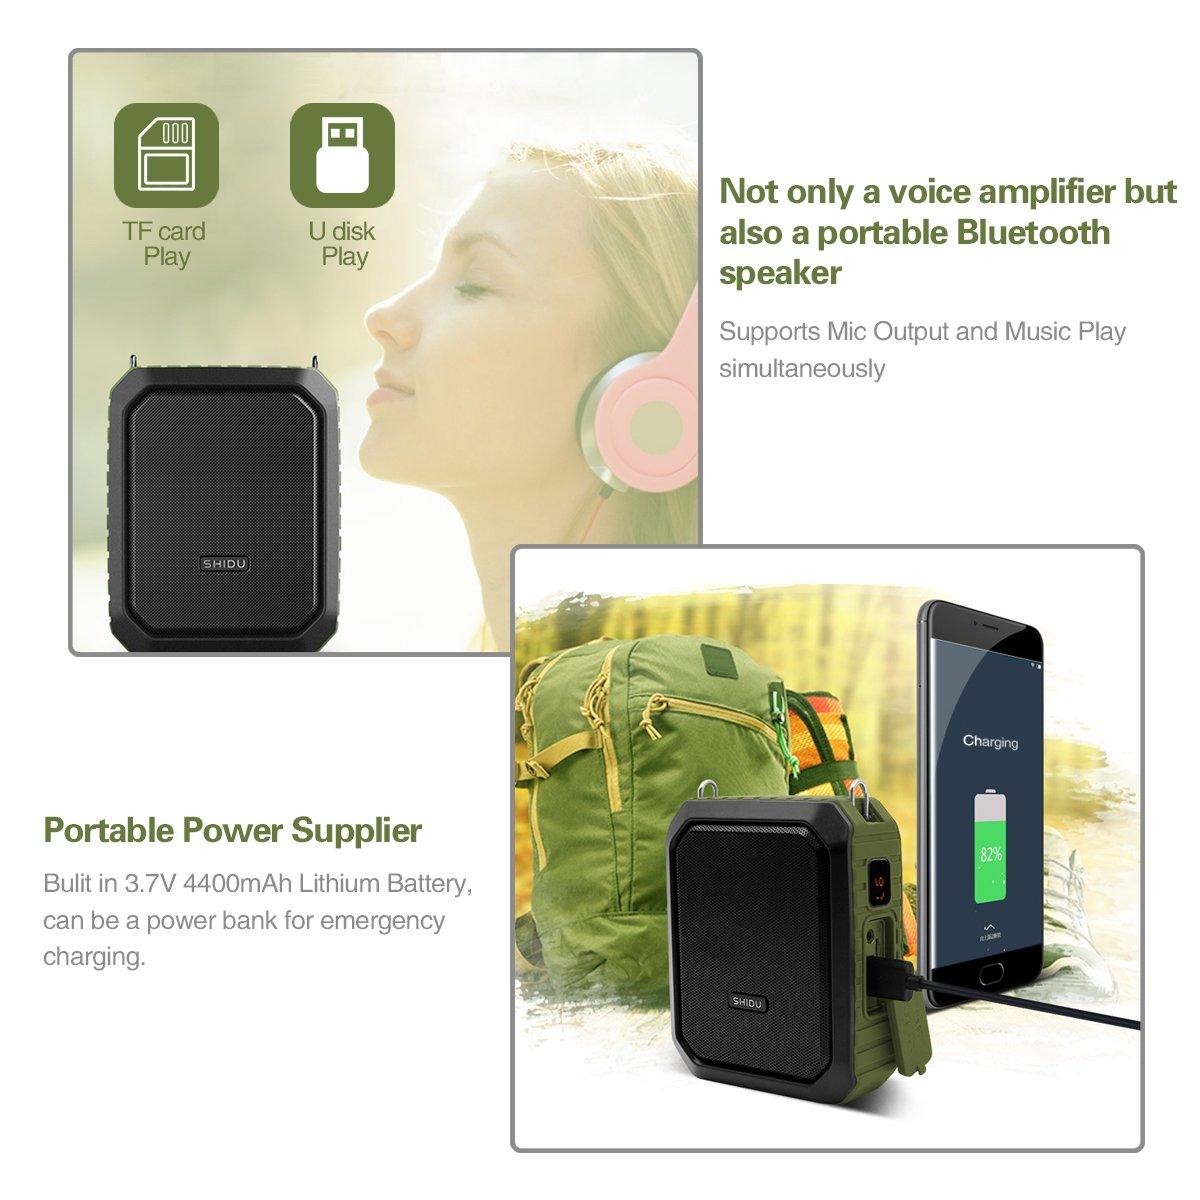 Neue Drahtlose Lehr Mikrofon Stimme Verstärker Lautsprecher Tragbare Hifi Megaphon Lautsprecher Für Tour Guide Externe Sprach Tf Fm Unterhaltungselektronik Tragbares Audio & Video